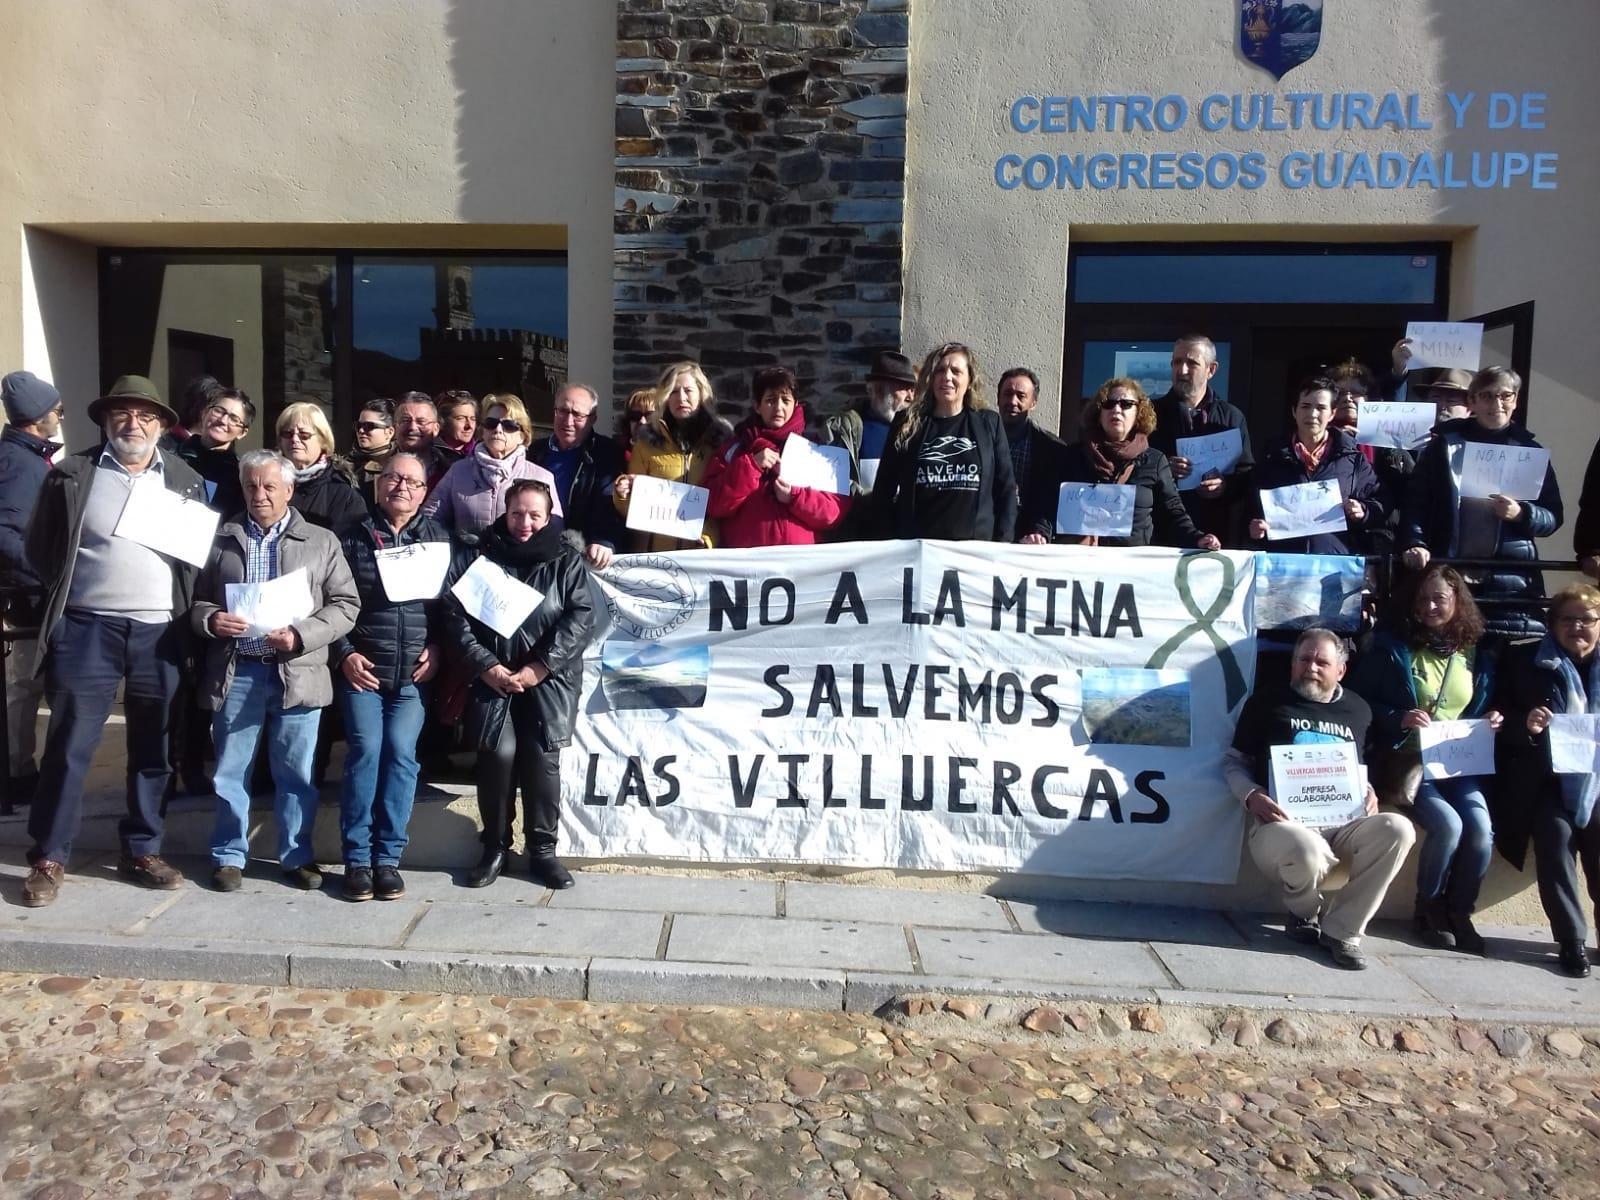 Miembros de la Plataforma Salvemos las Villuercas protestan por los proyectos mineros